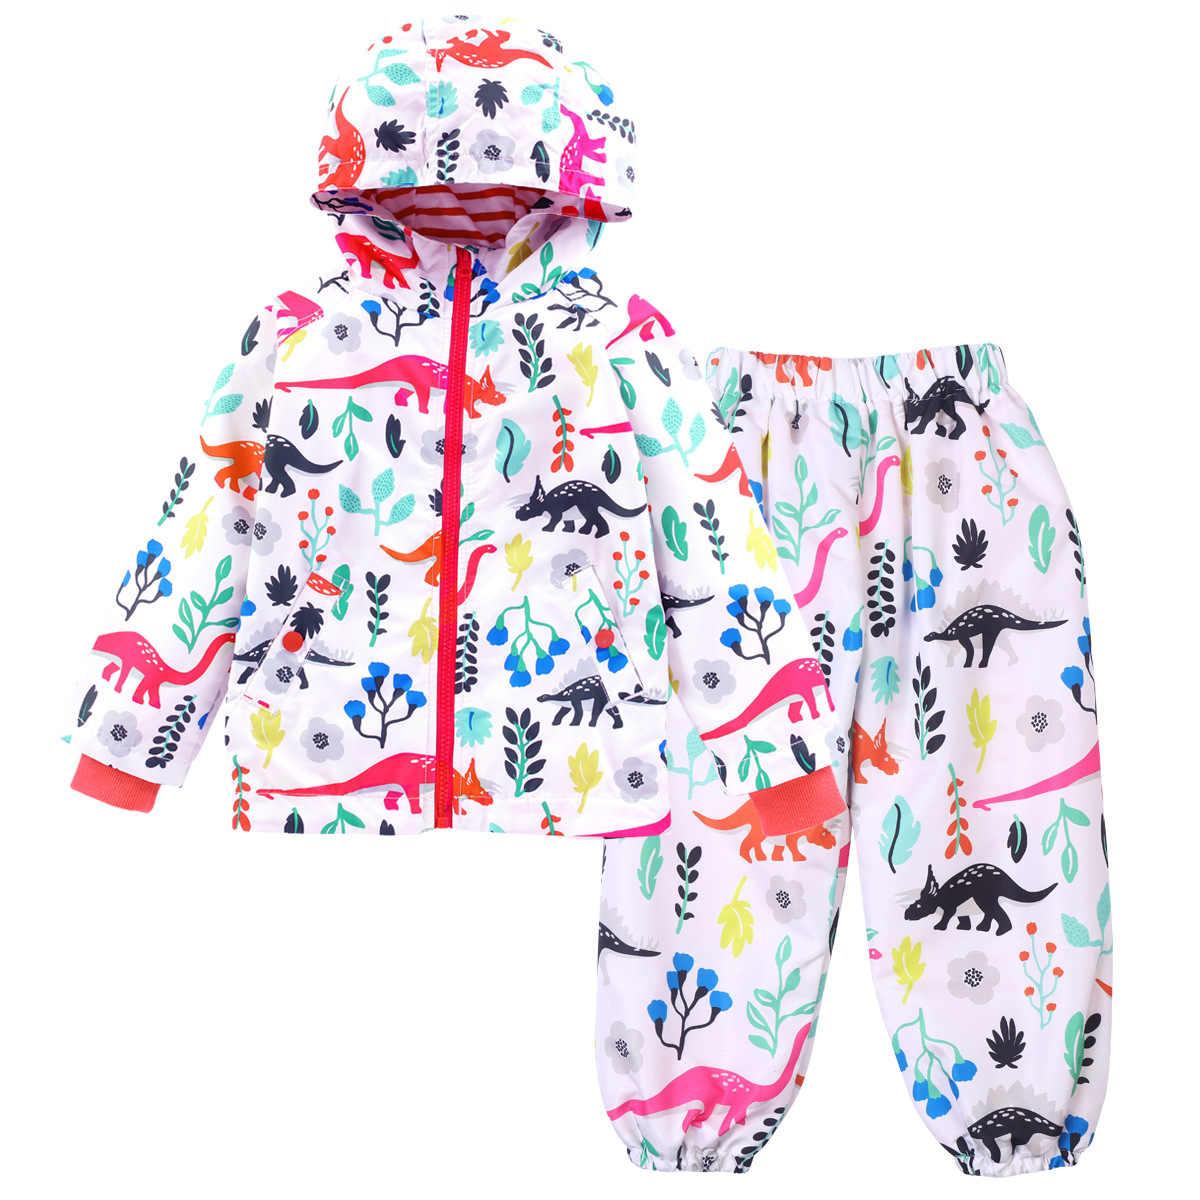 Çocuklar Karikatür Giysileri Takım Elbise Dinozor Kapşonlu Ceket + Rahat Pantolon Iki Adet Erkek Kız Bahar Sonbahar yağmurluk Eşofman